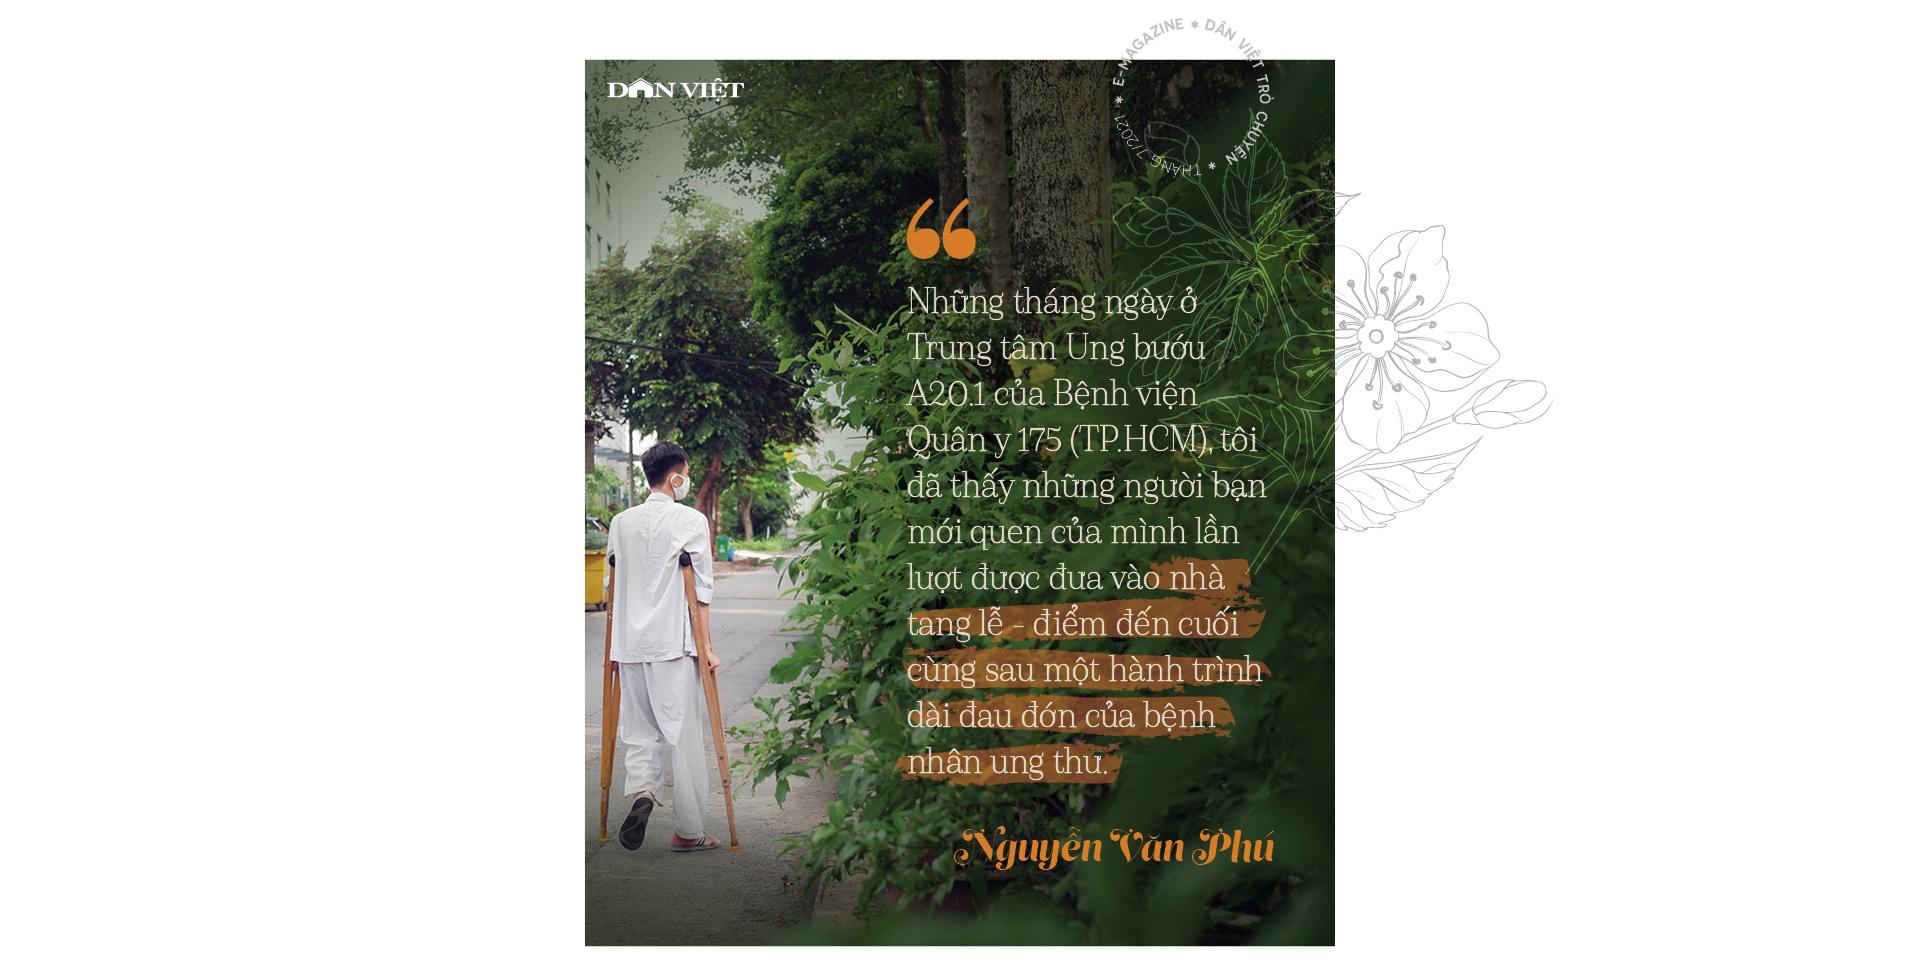 """Nguyễn Văn Phú – tác giả cuốn sách """"Bạn sinh ra để sống"""": """"Với tôi, ung thư là một món quà""""  - Ảnh 4."""